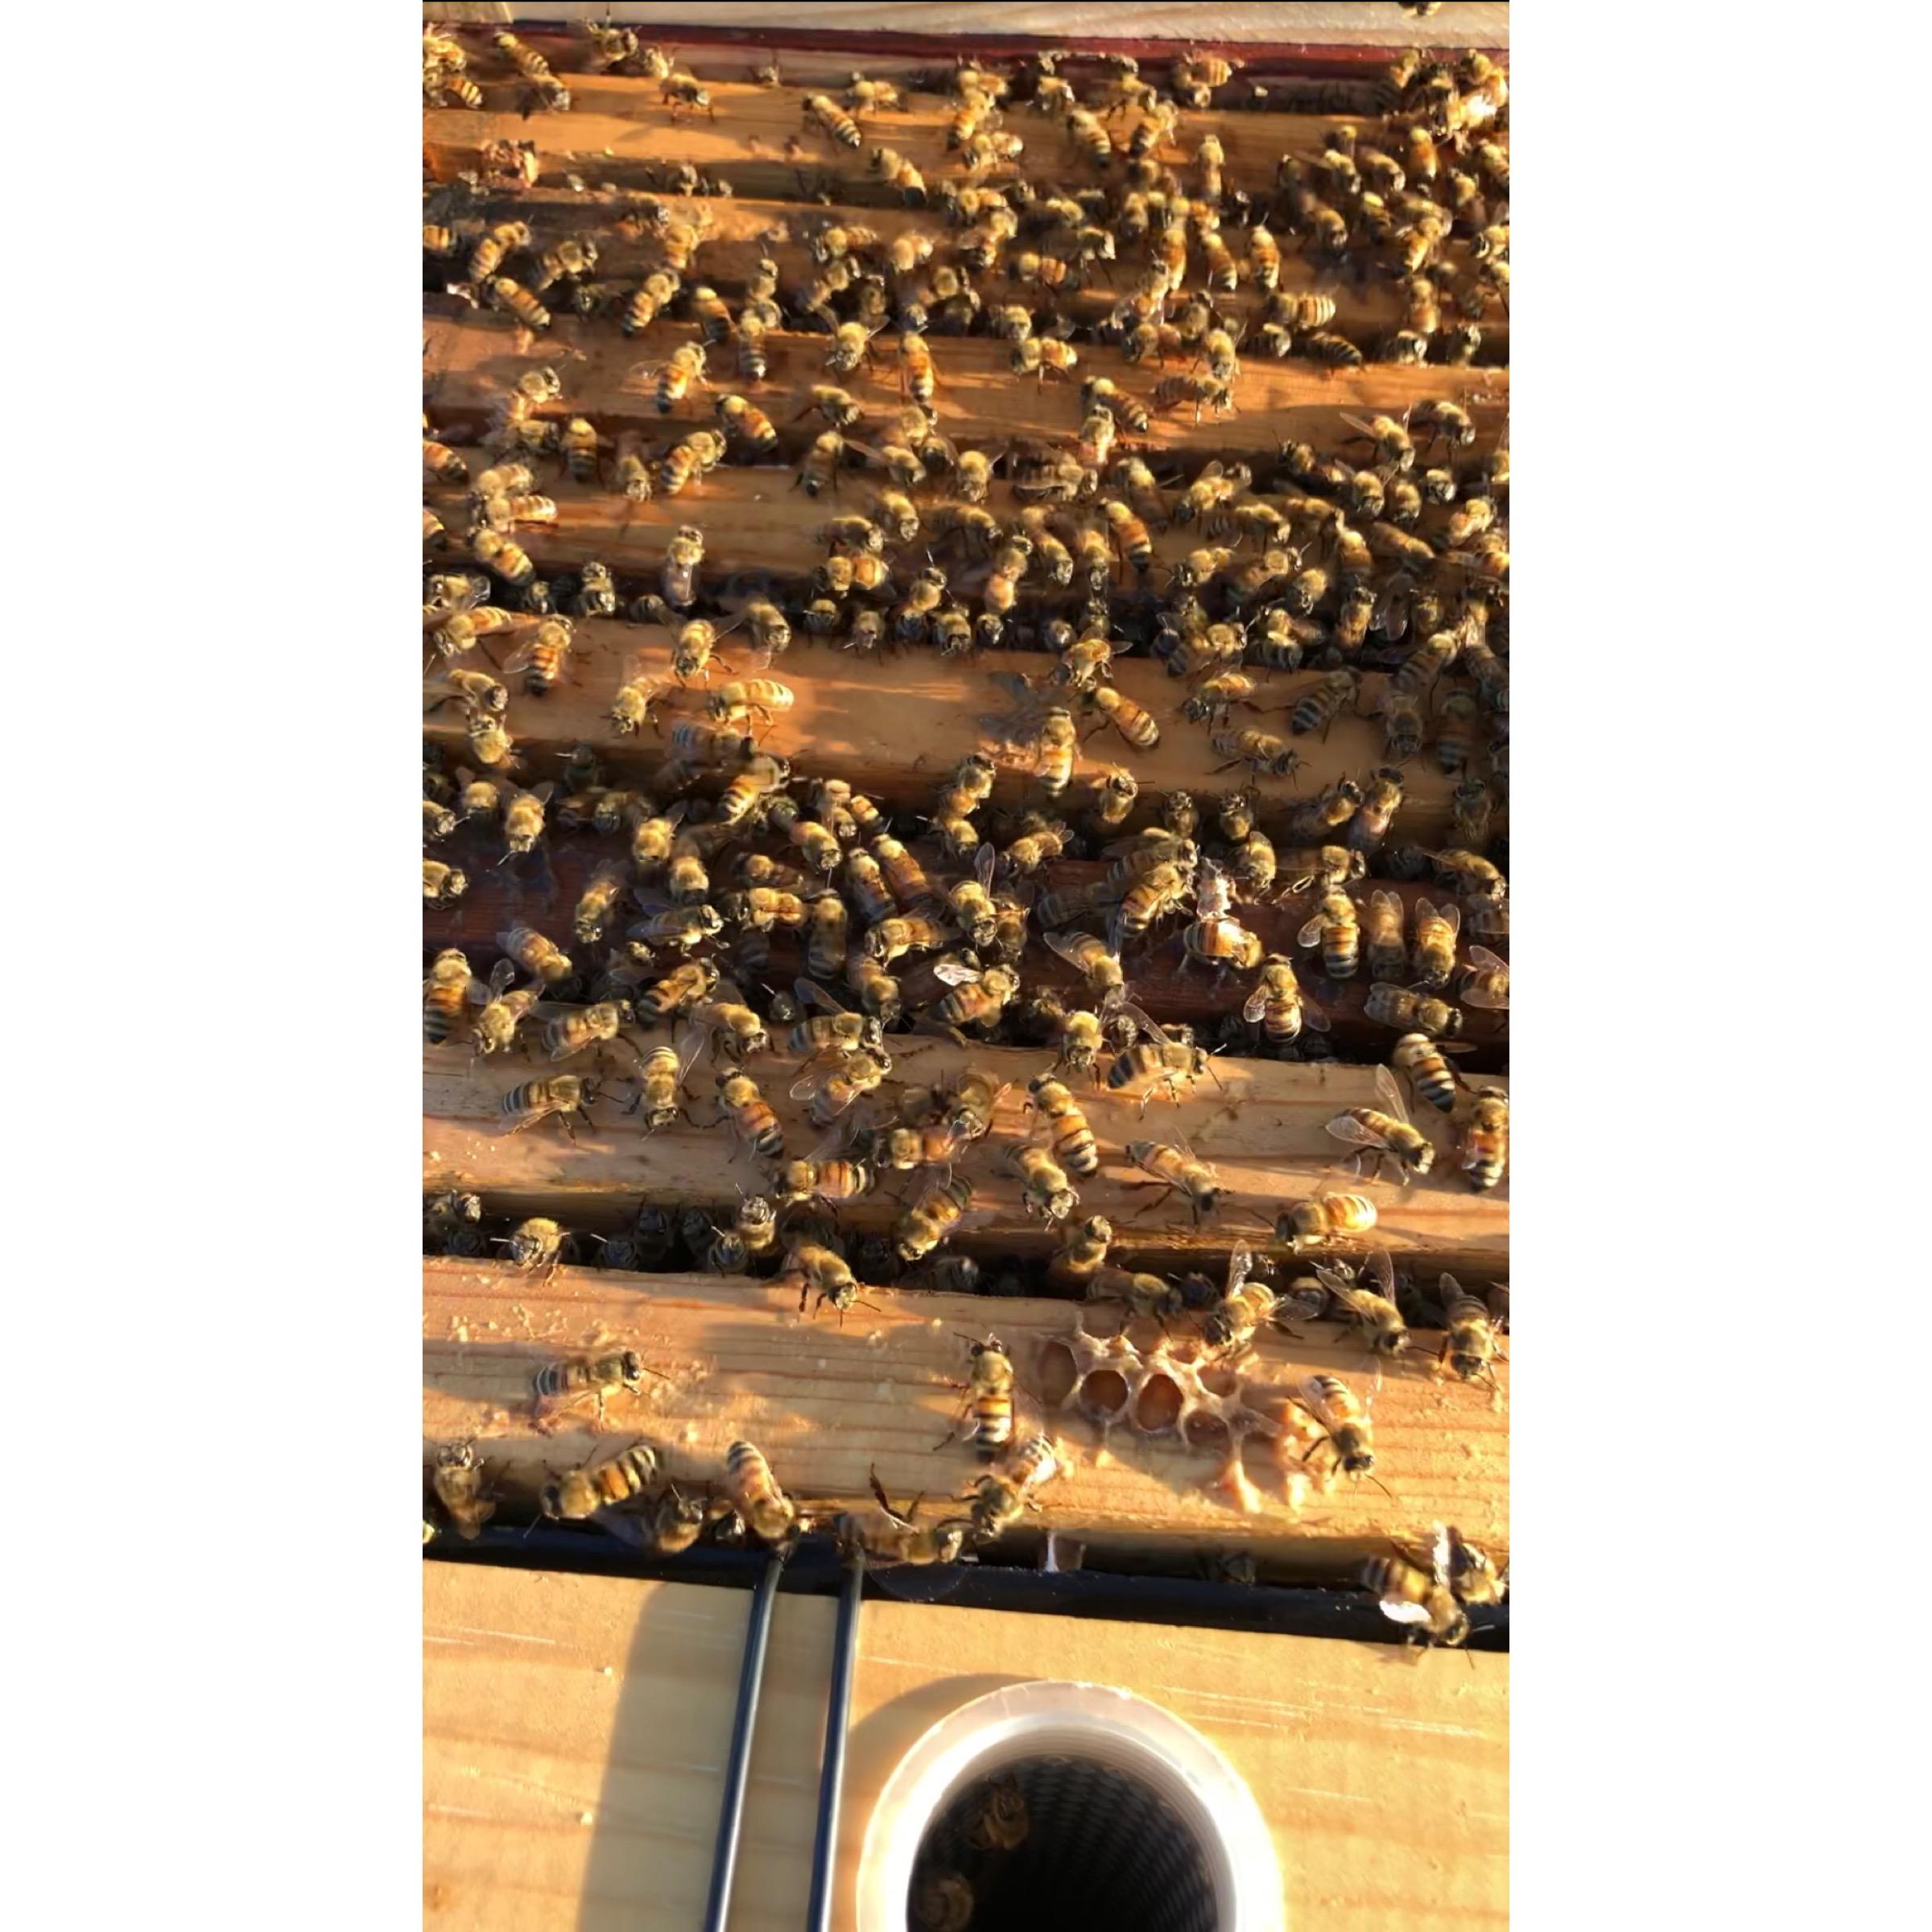 Bees Close Up.JPG